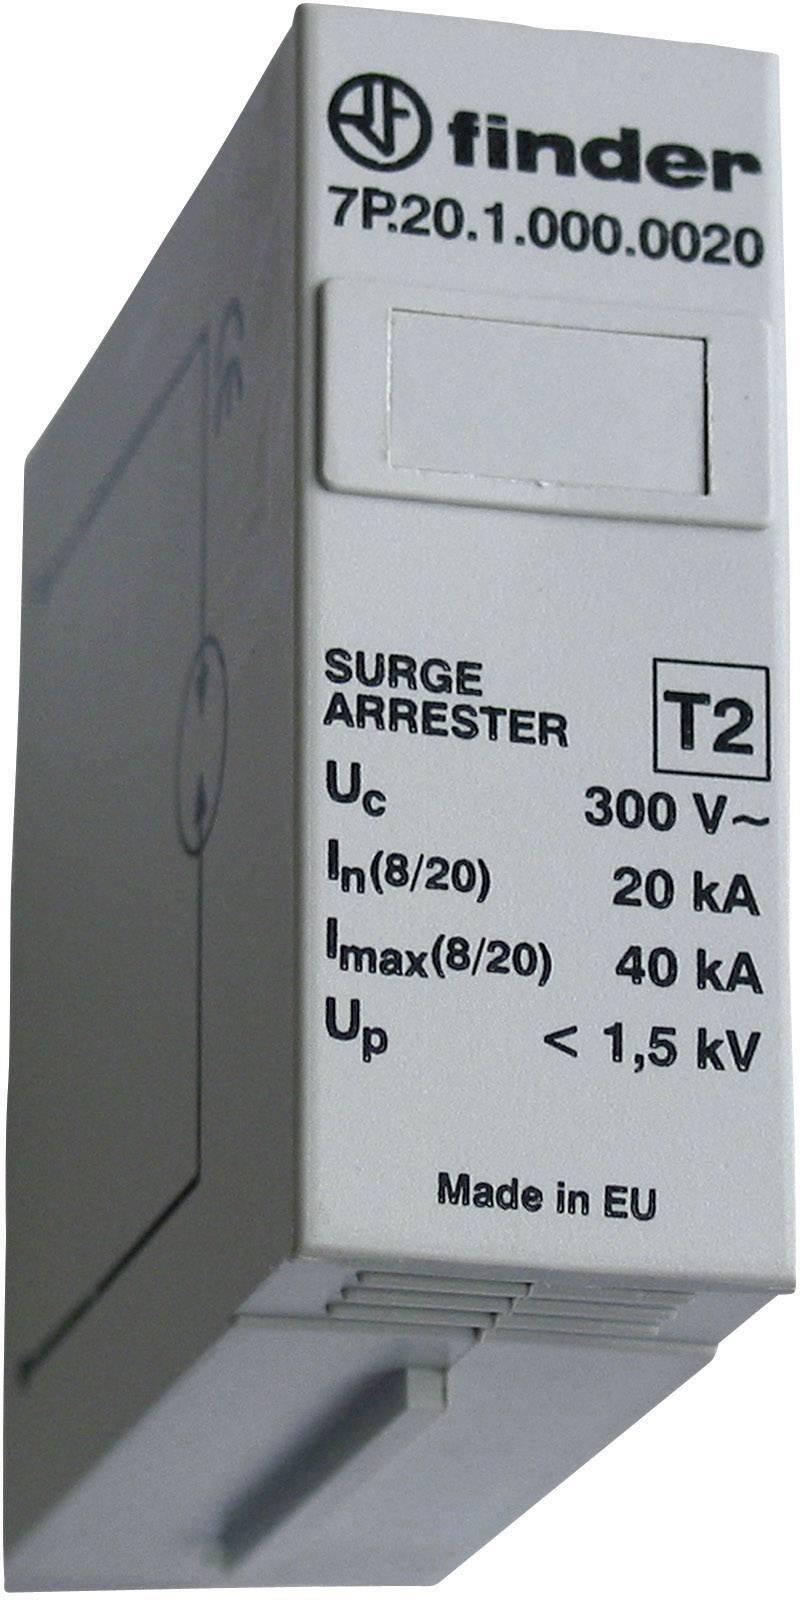 Finder Funkenstrecken-Schutzmodul 7P.20.1.000.0020, 20 kA